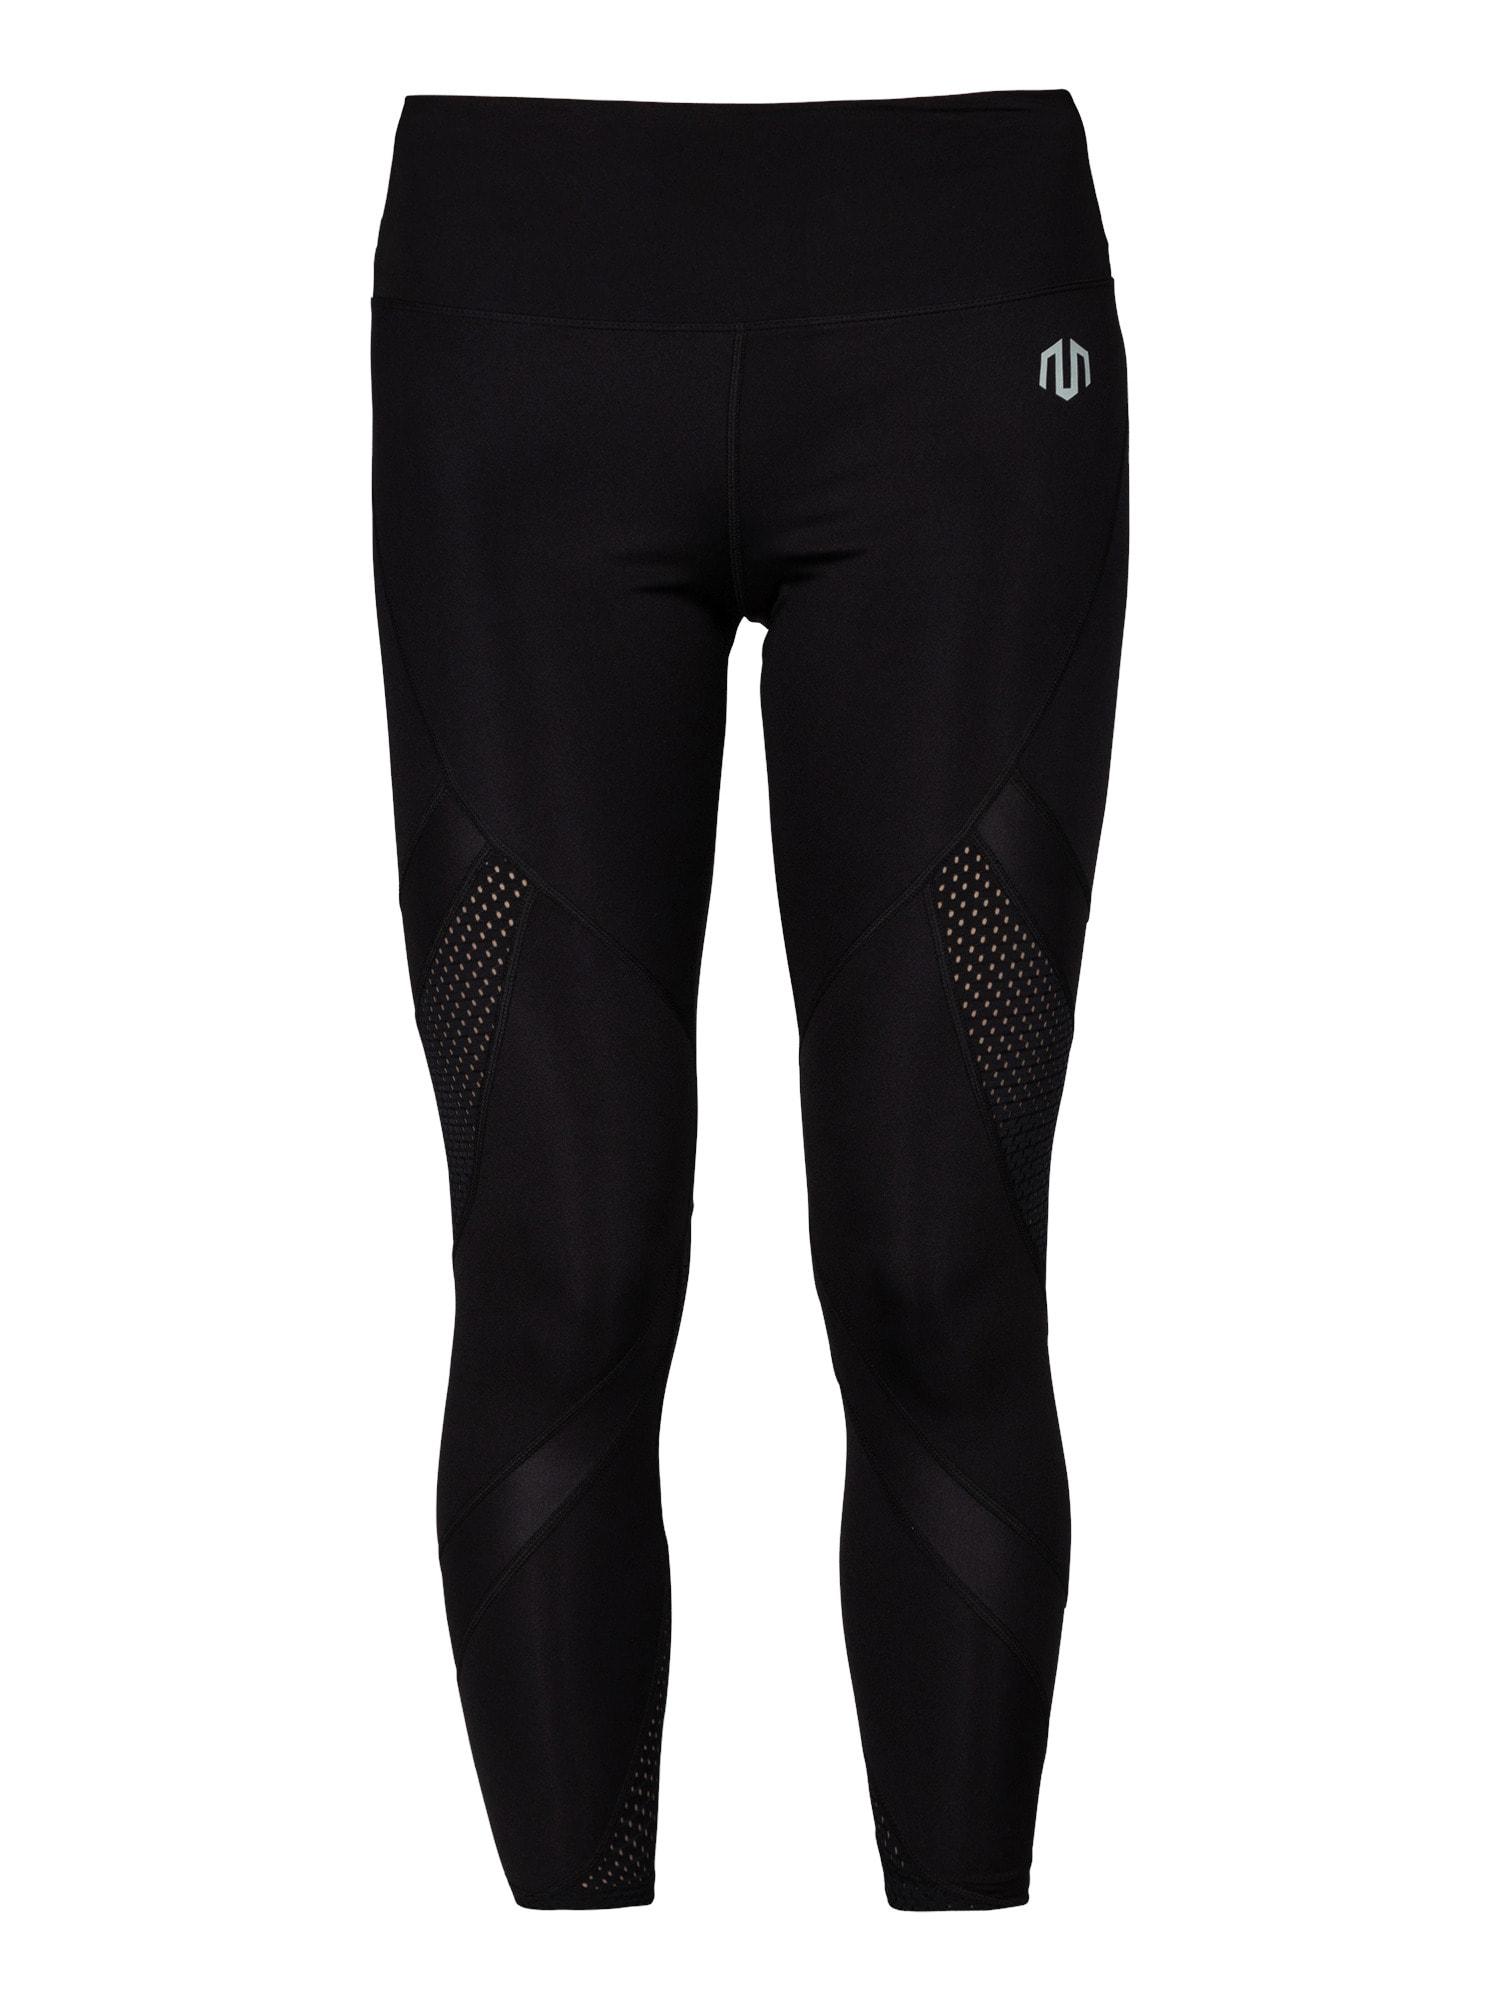 MOROTAI Sportinės kelnės juoda / balta